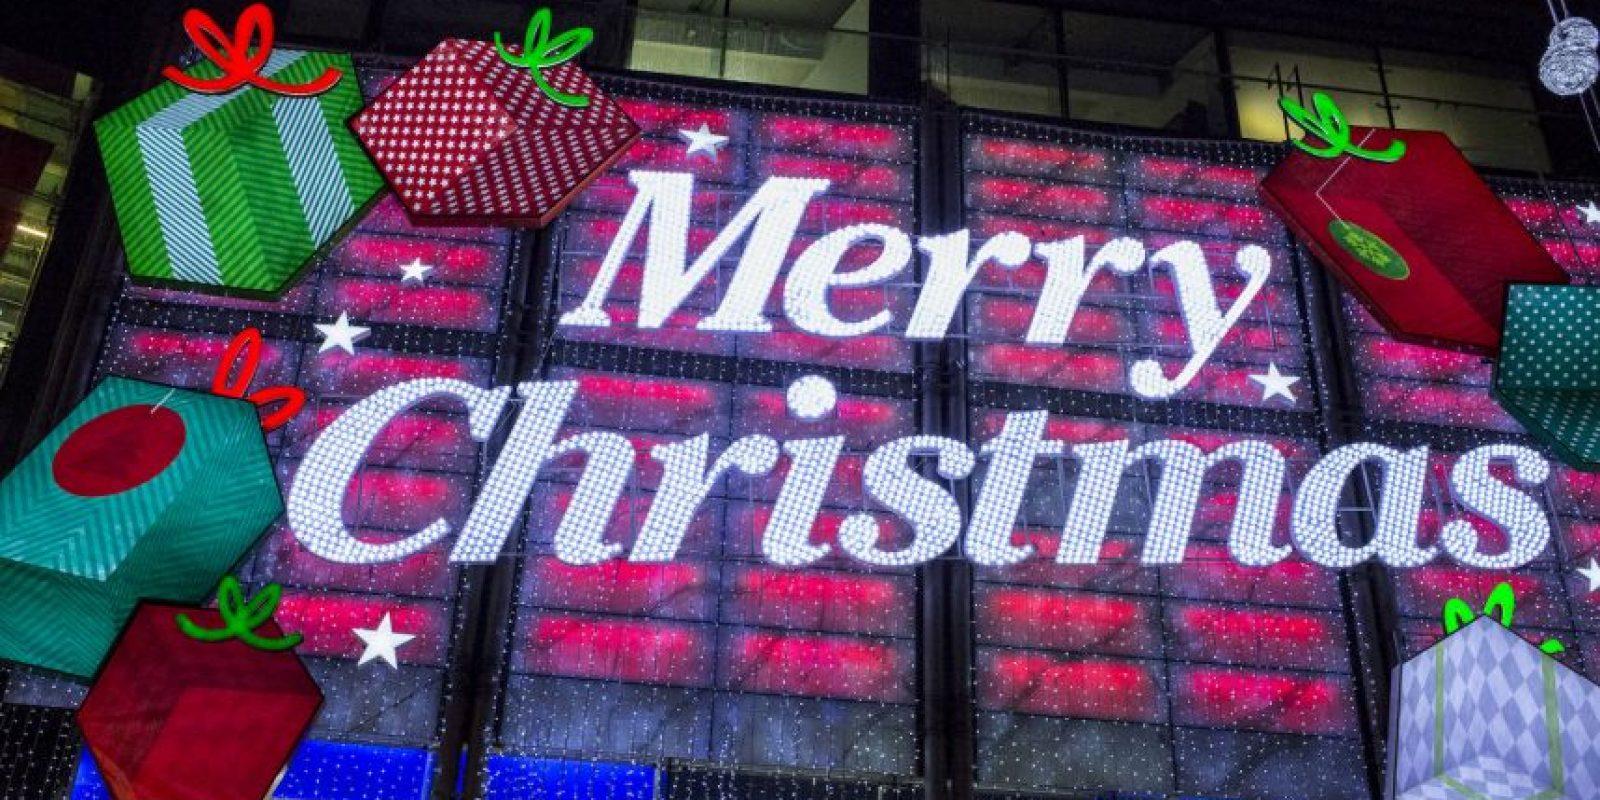 Ya sea por los regalos o por los preparativos para las fiestas navideñas o de fin de año. Foto:Getty Images